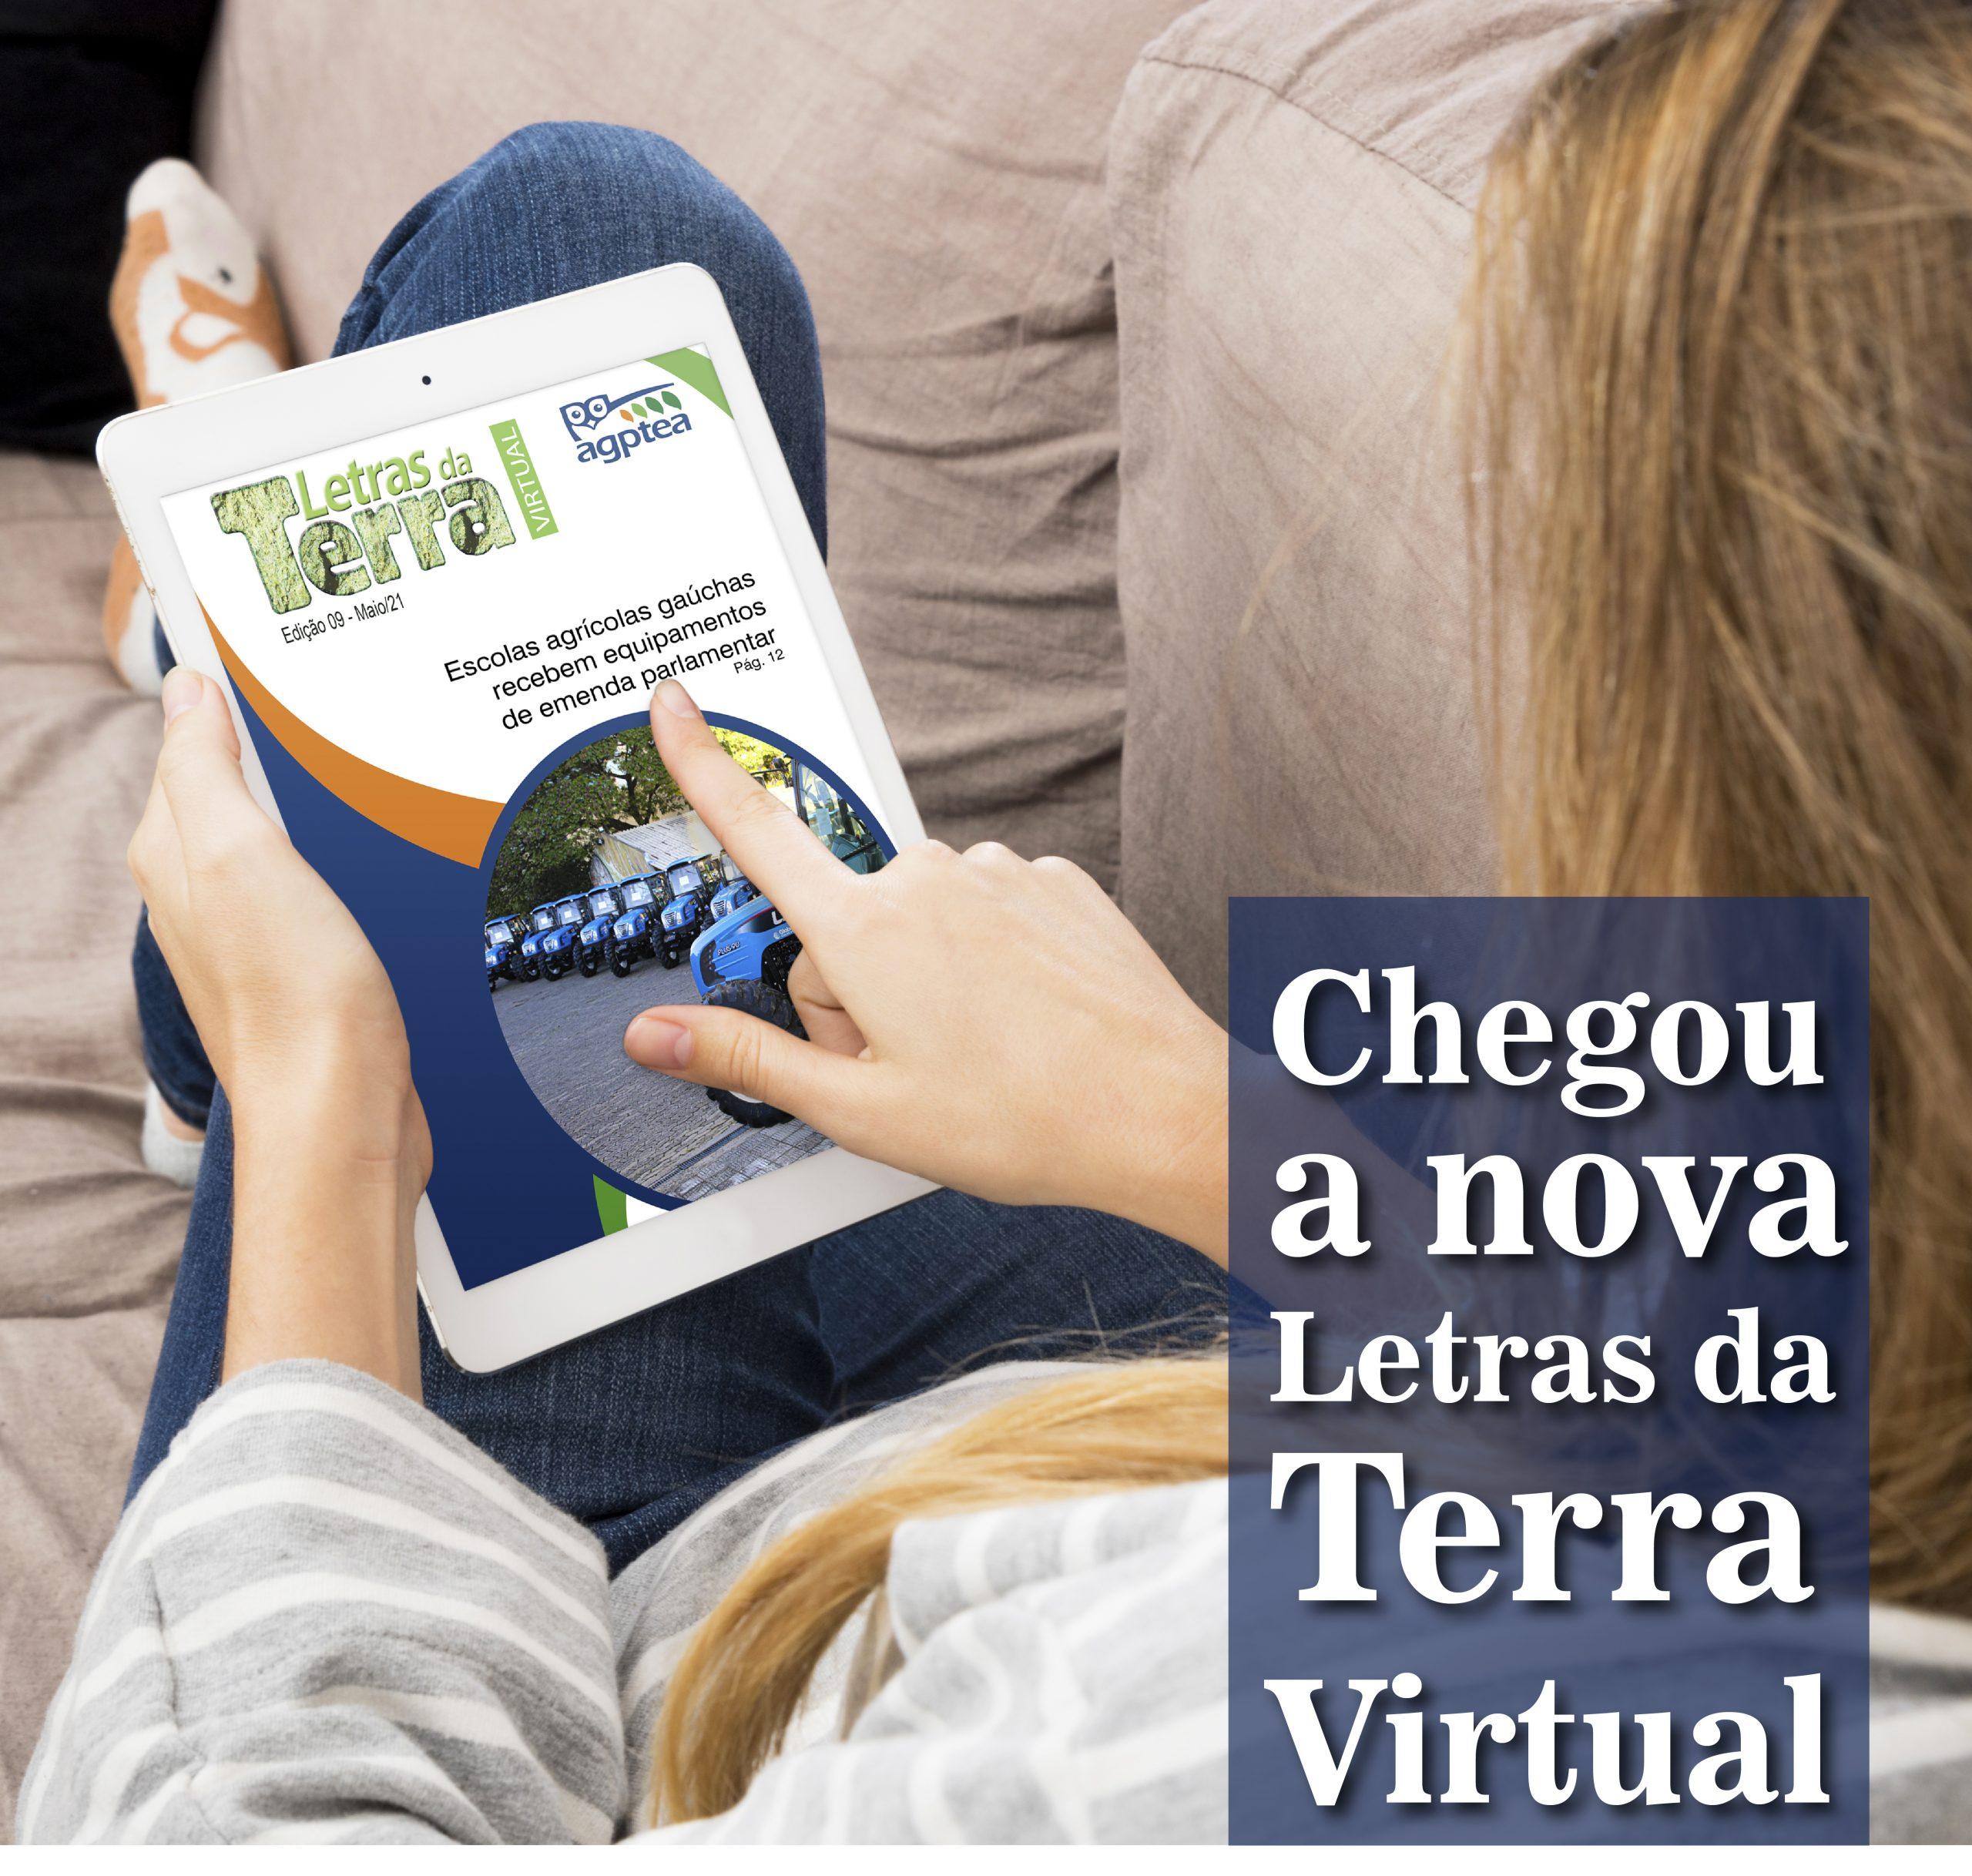 LETRAS DA TERRA